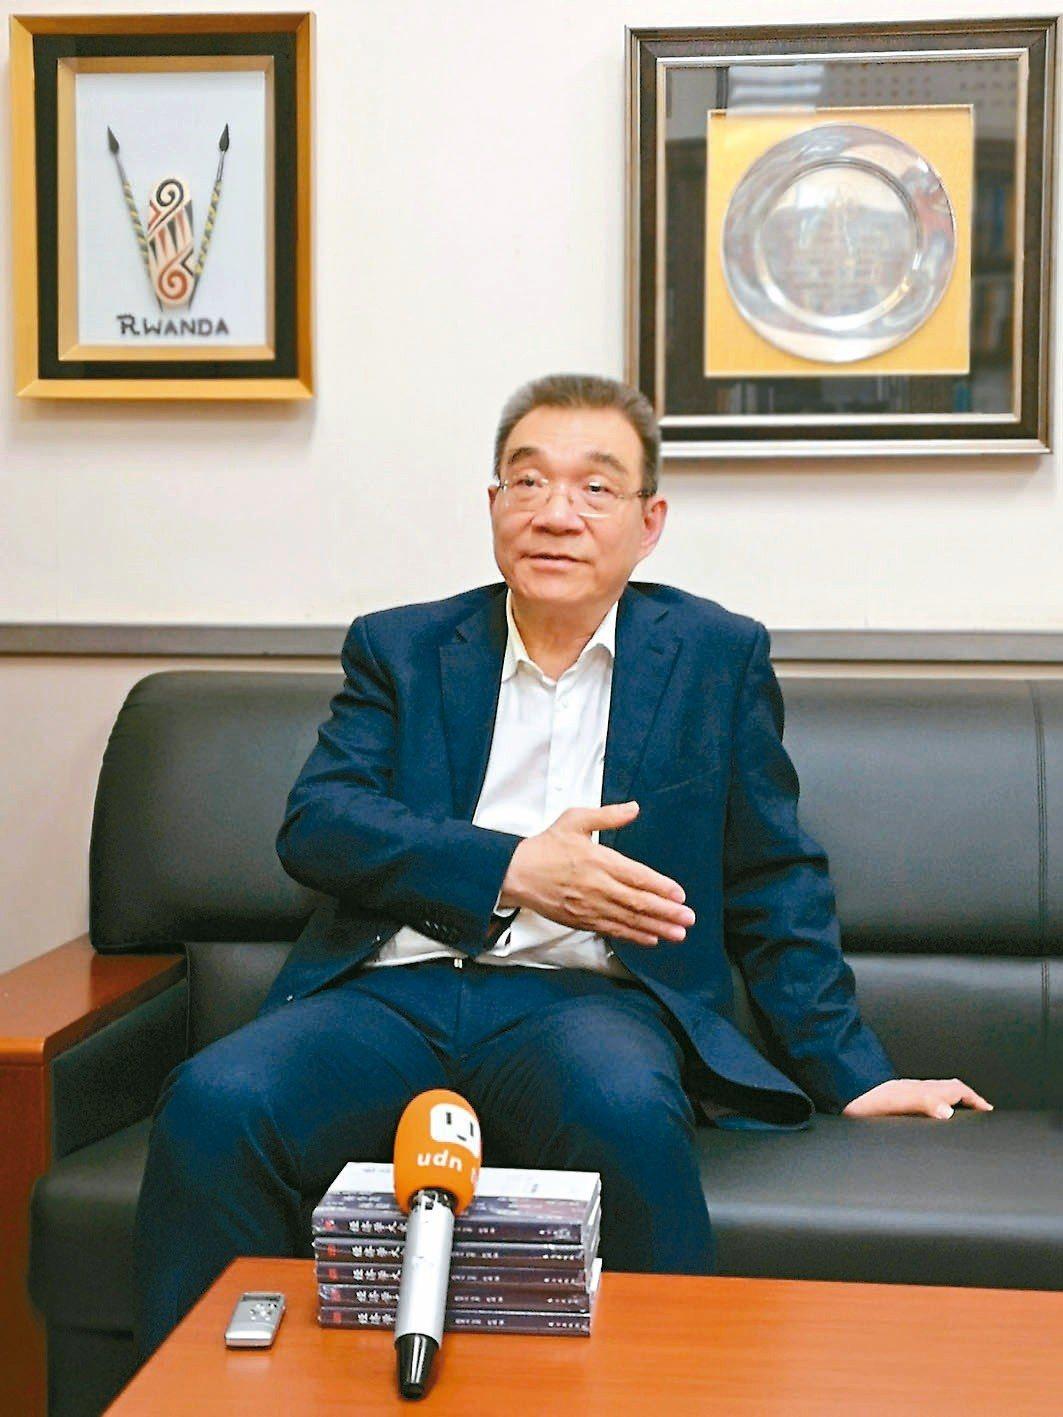 北大經濟學家林毅夫談及當年叛逃經過,一度眼眶變紅、哽咽無語。 記者賴錦宏/攝影